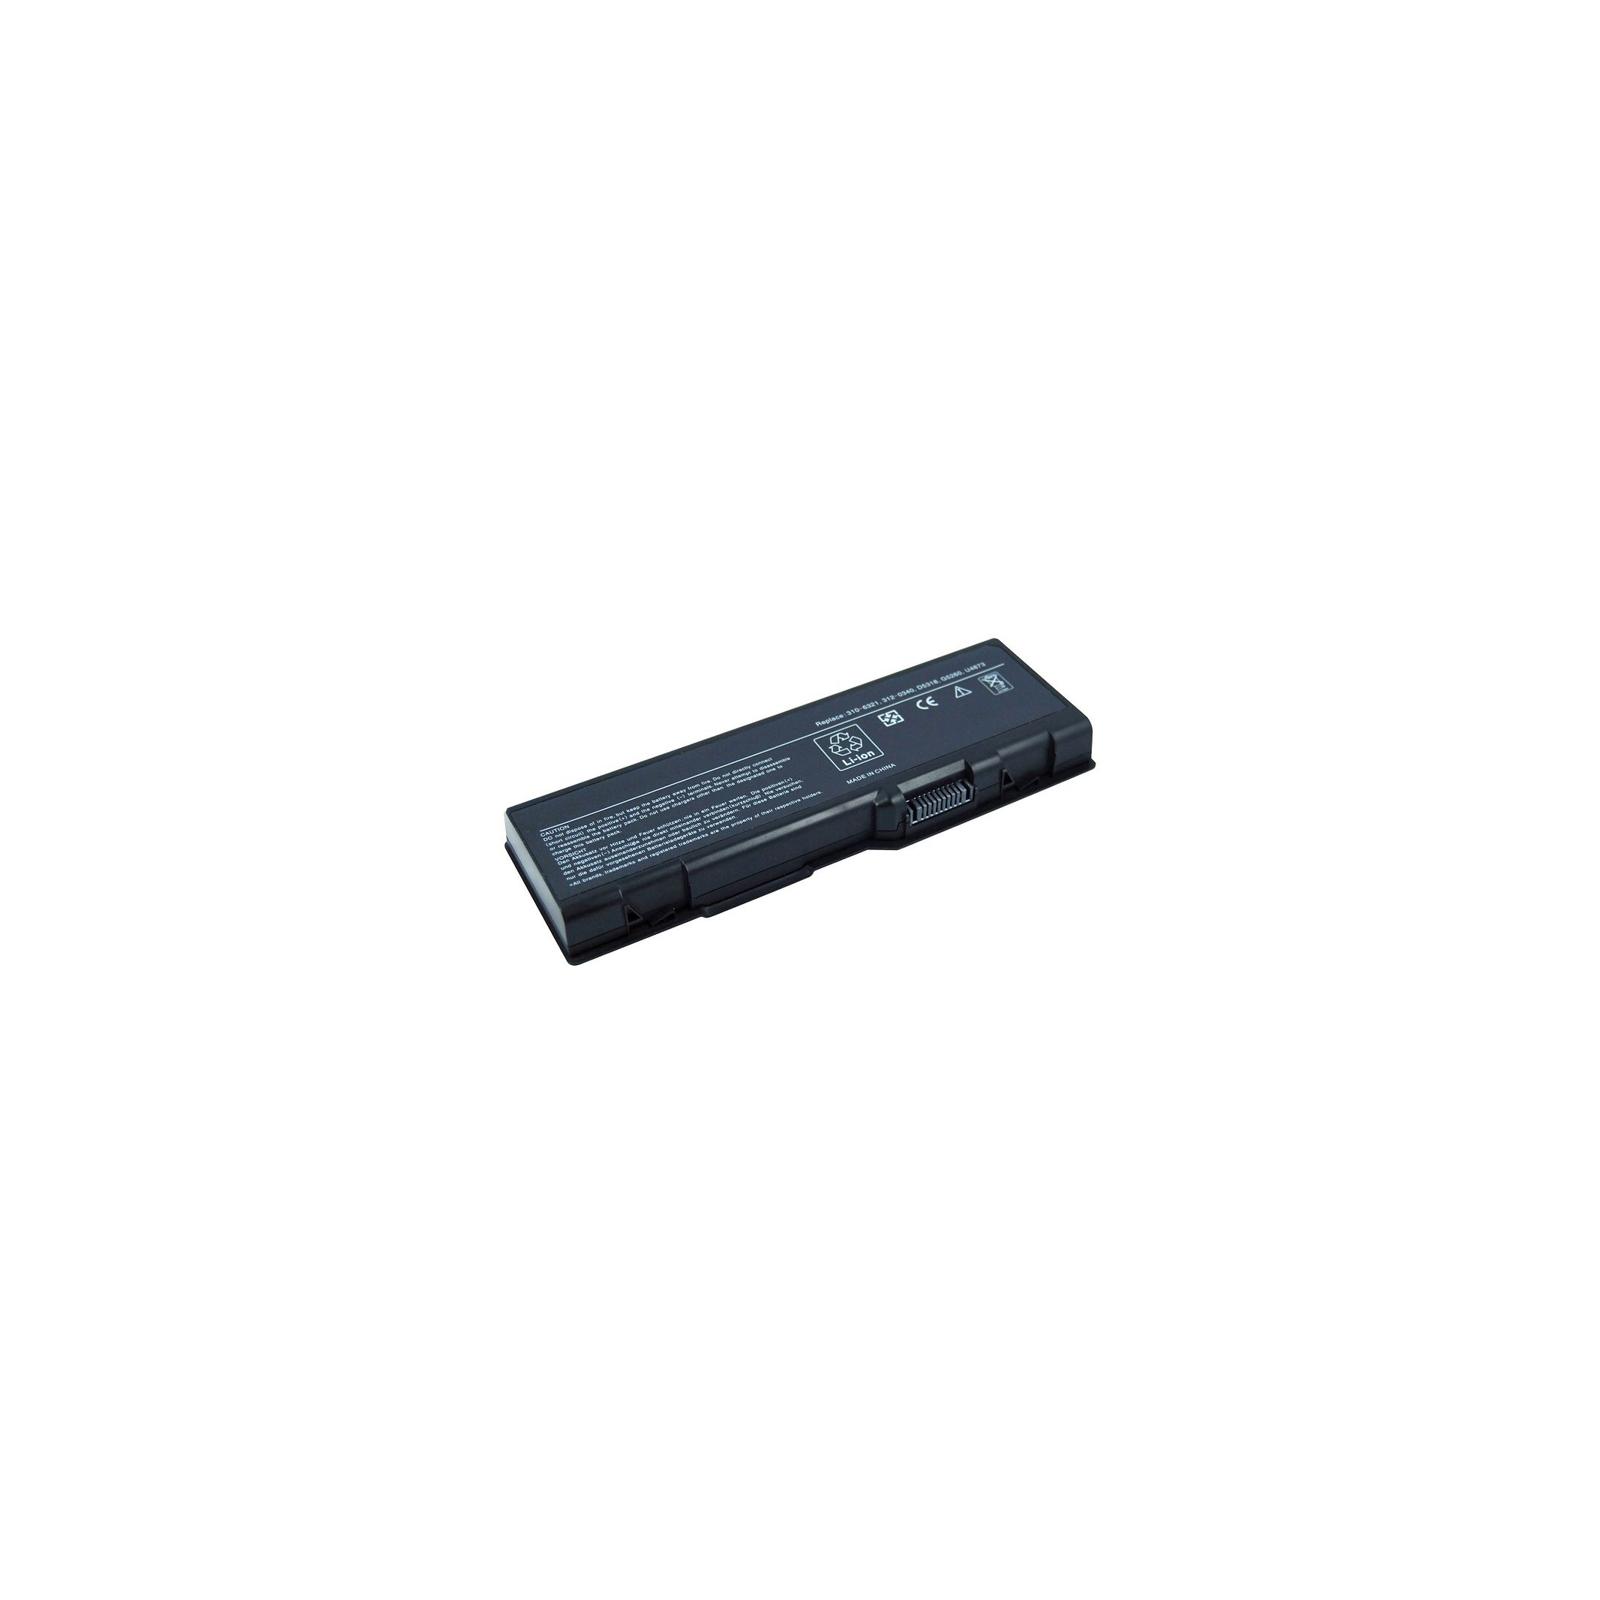 Аккумулятор для ноутбука DELL Inspiron 6000 (D5318, DL5319LP) 11.1V6600mAh PowerPlant (NB00000115)